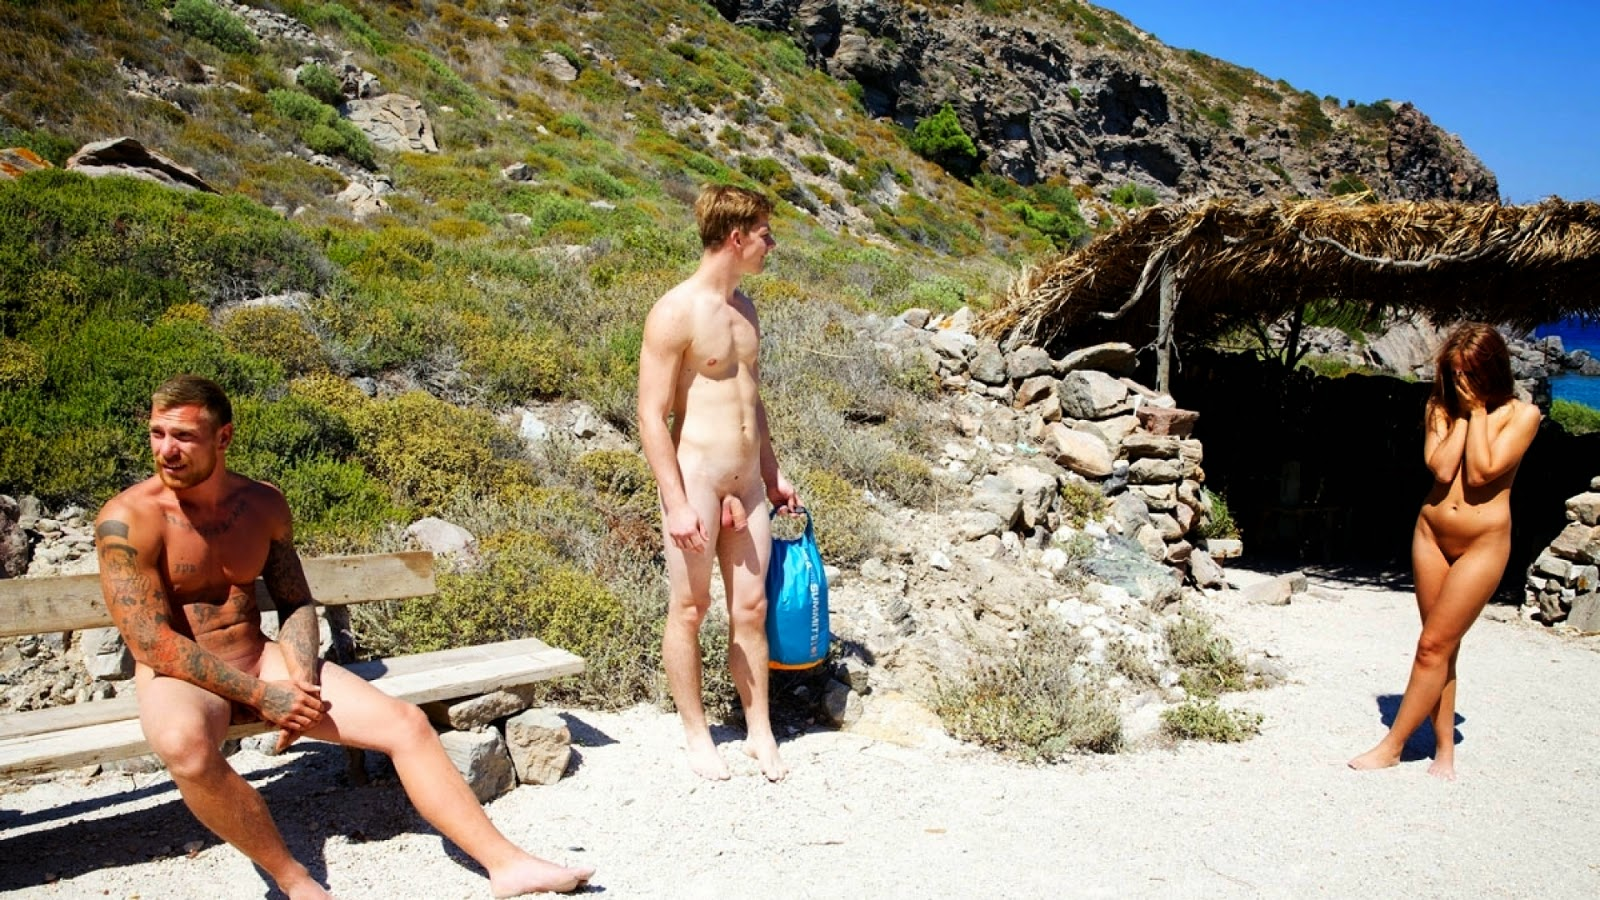 nudity in maximum risk